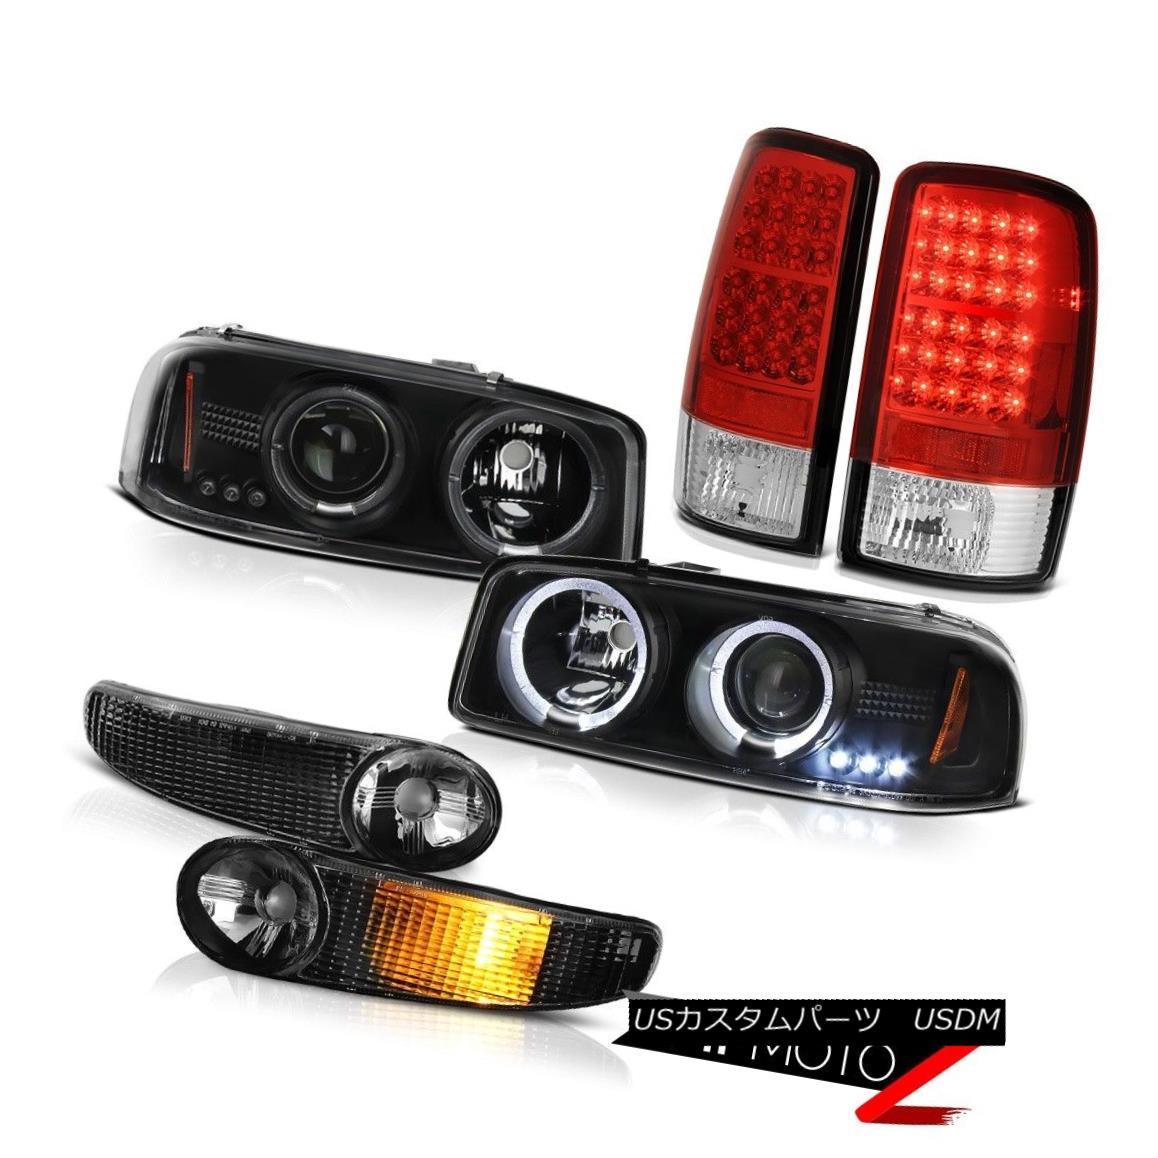 ヘッドライト Black LED SMD DRL Headlamps Parking Signal Bumper Tail Lights Chrome 00-06 Yukon ブラックLED SMD DRLヘッドランプパーキング信号バンパーテールライトクローム00-06ユーコン